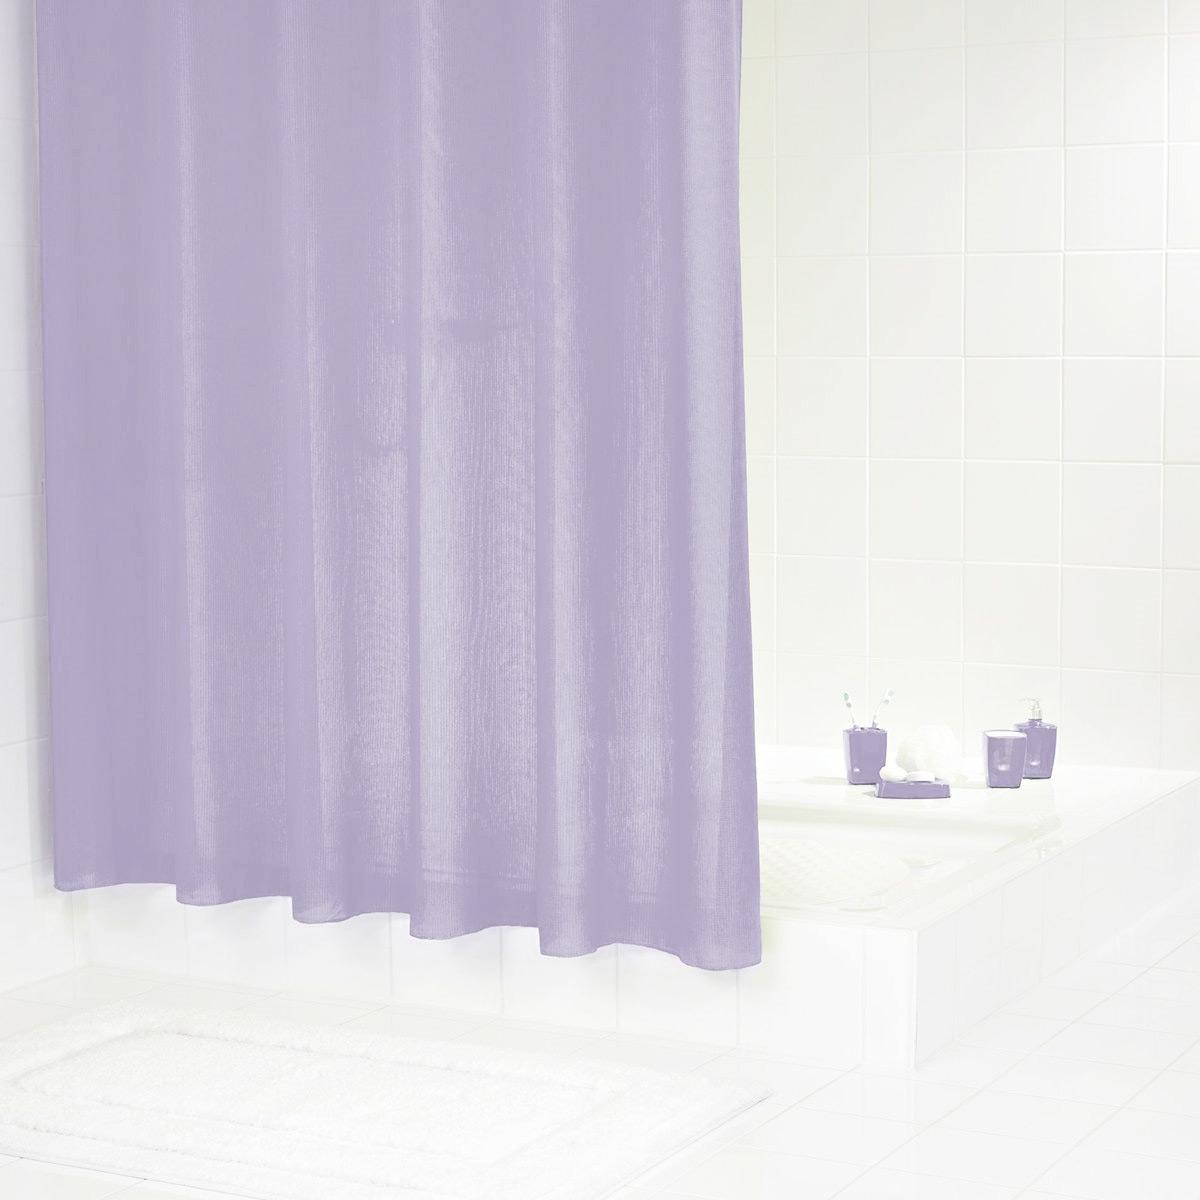 Штора для ванной комнаты Ridder Rubin, цвет: фиолетовый, 180 х 200 см48371Высококачественная немецкая шторка для душа создает прекрасное настроение. Данный продукт имеет антигрибковое, водоотталкивающее и антистатическое покрытие. Качественная обстрочка всех кантов. Утяжелённый нижний кант из каучука. Машинная стирка. Глажка при низкой температуре.